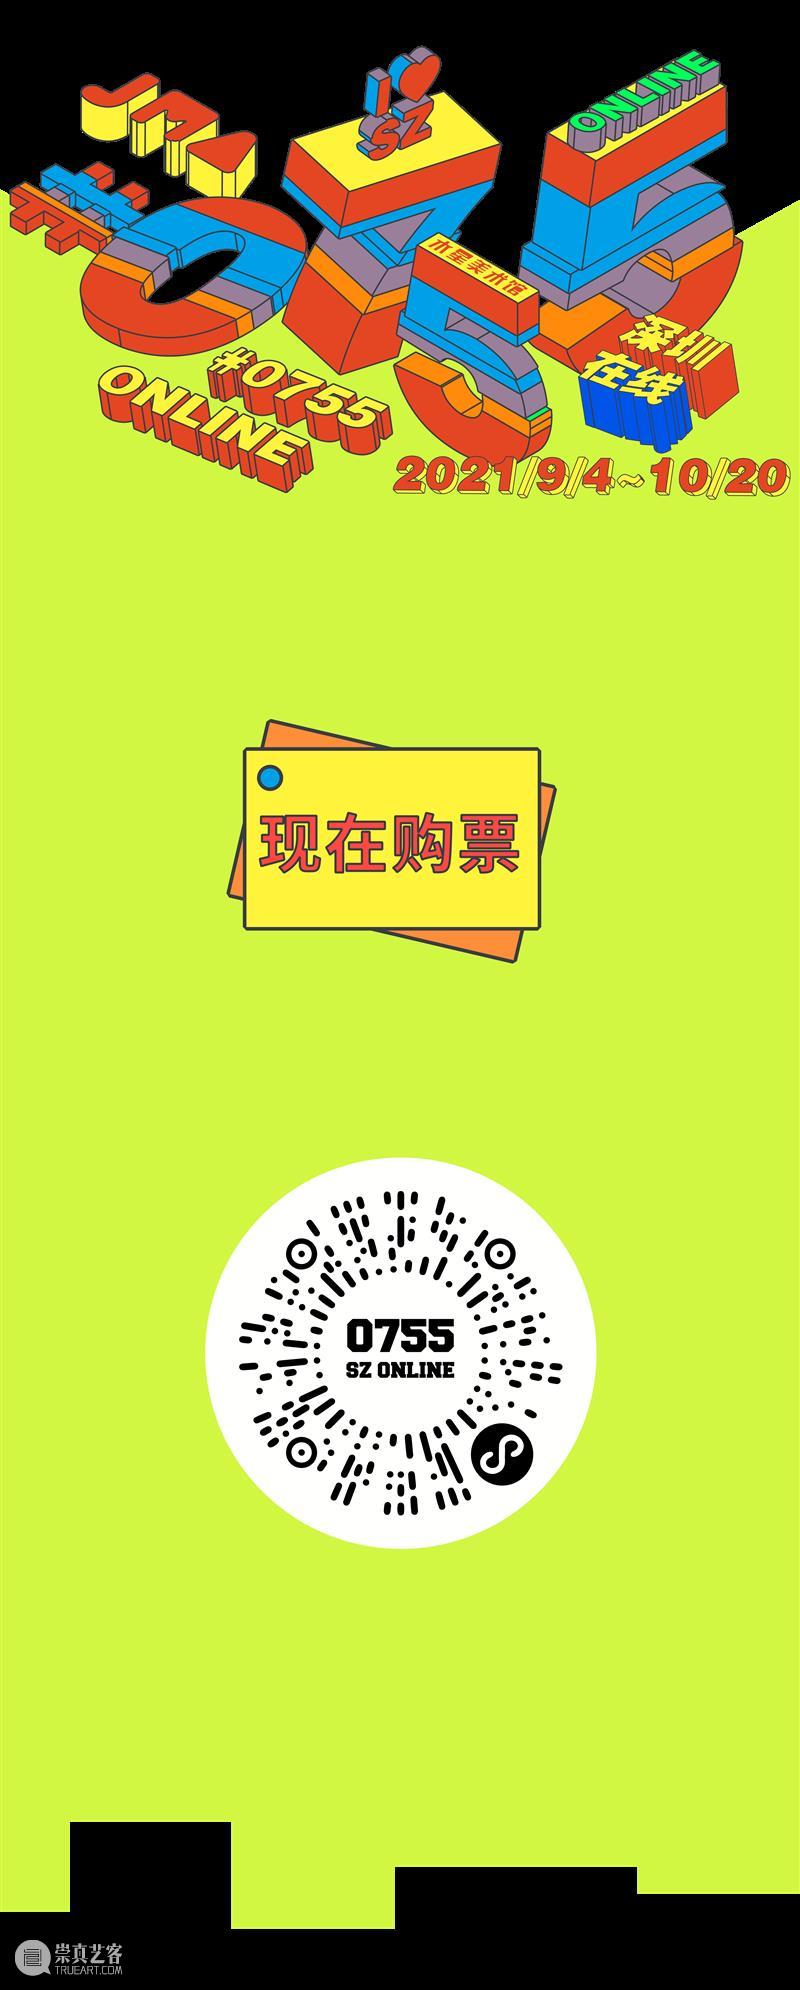 """新展预告 """"0755 ONLINE"""" ONLINE 新展预告  木星美术馆 中国 深圳 电话 区号 世界 距离 艺术家 崇真艺客"""